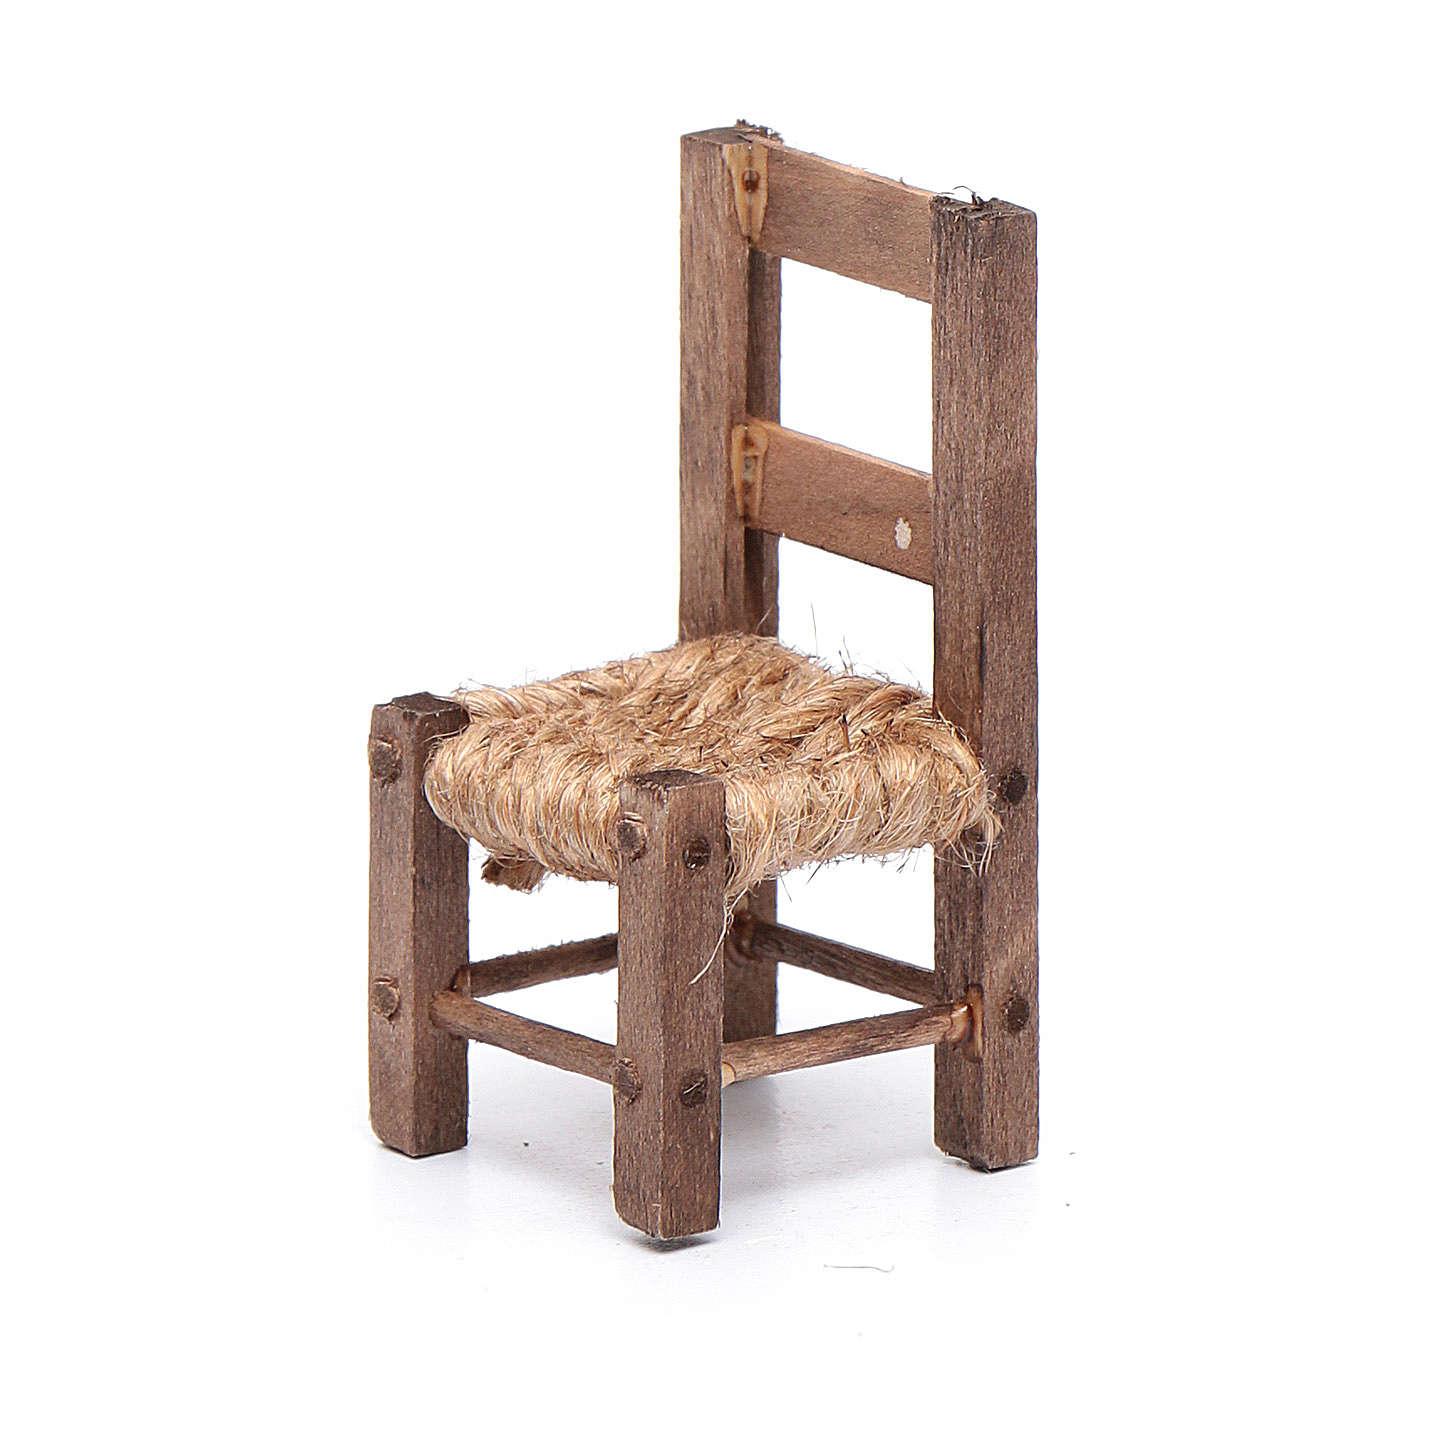 Krzesło 5 cm drewno i sznurek szopka neapolitańska 4